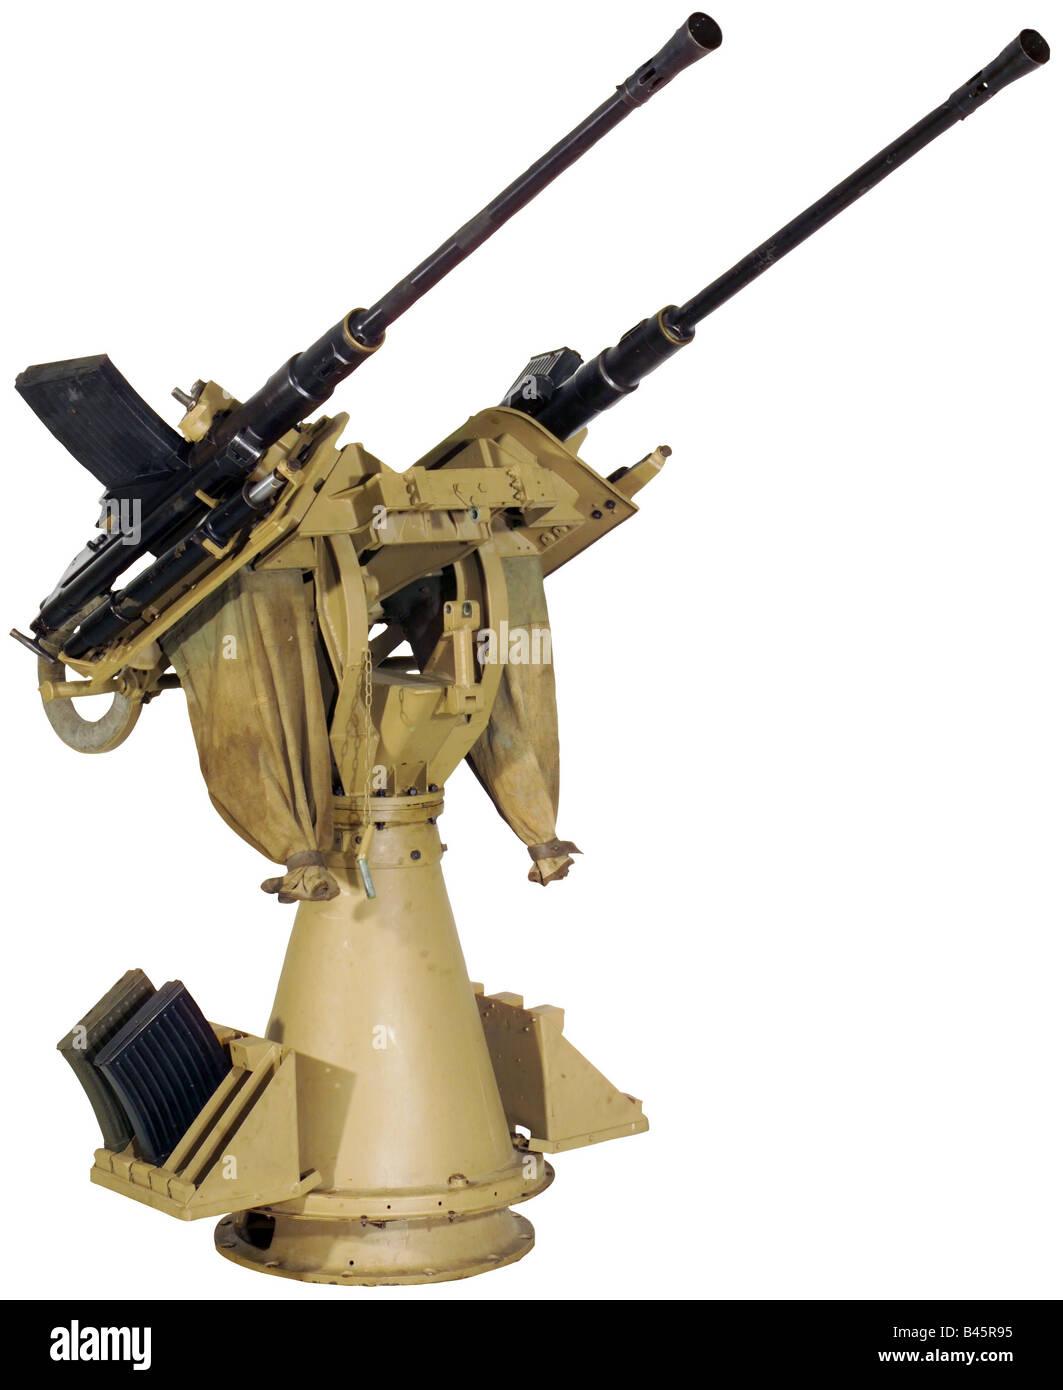 Armi/armi, armi da fuoco, 2 cm twin anti-aerei pistola, fabbricati dalla società Maschinenfabrik Willy Hiller, Immagini Stock